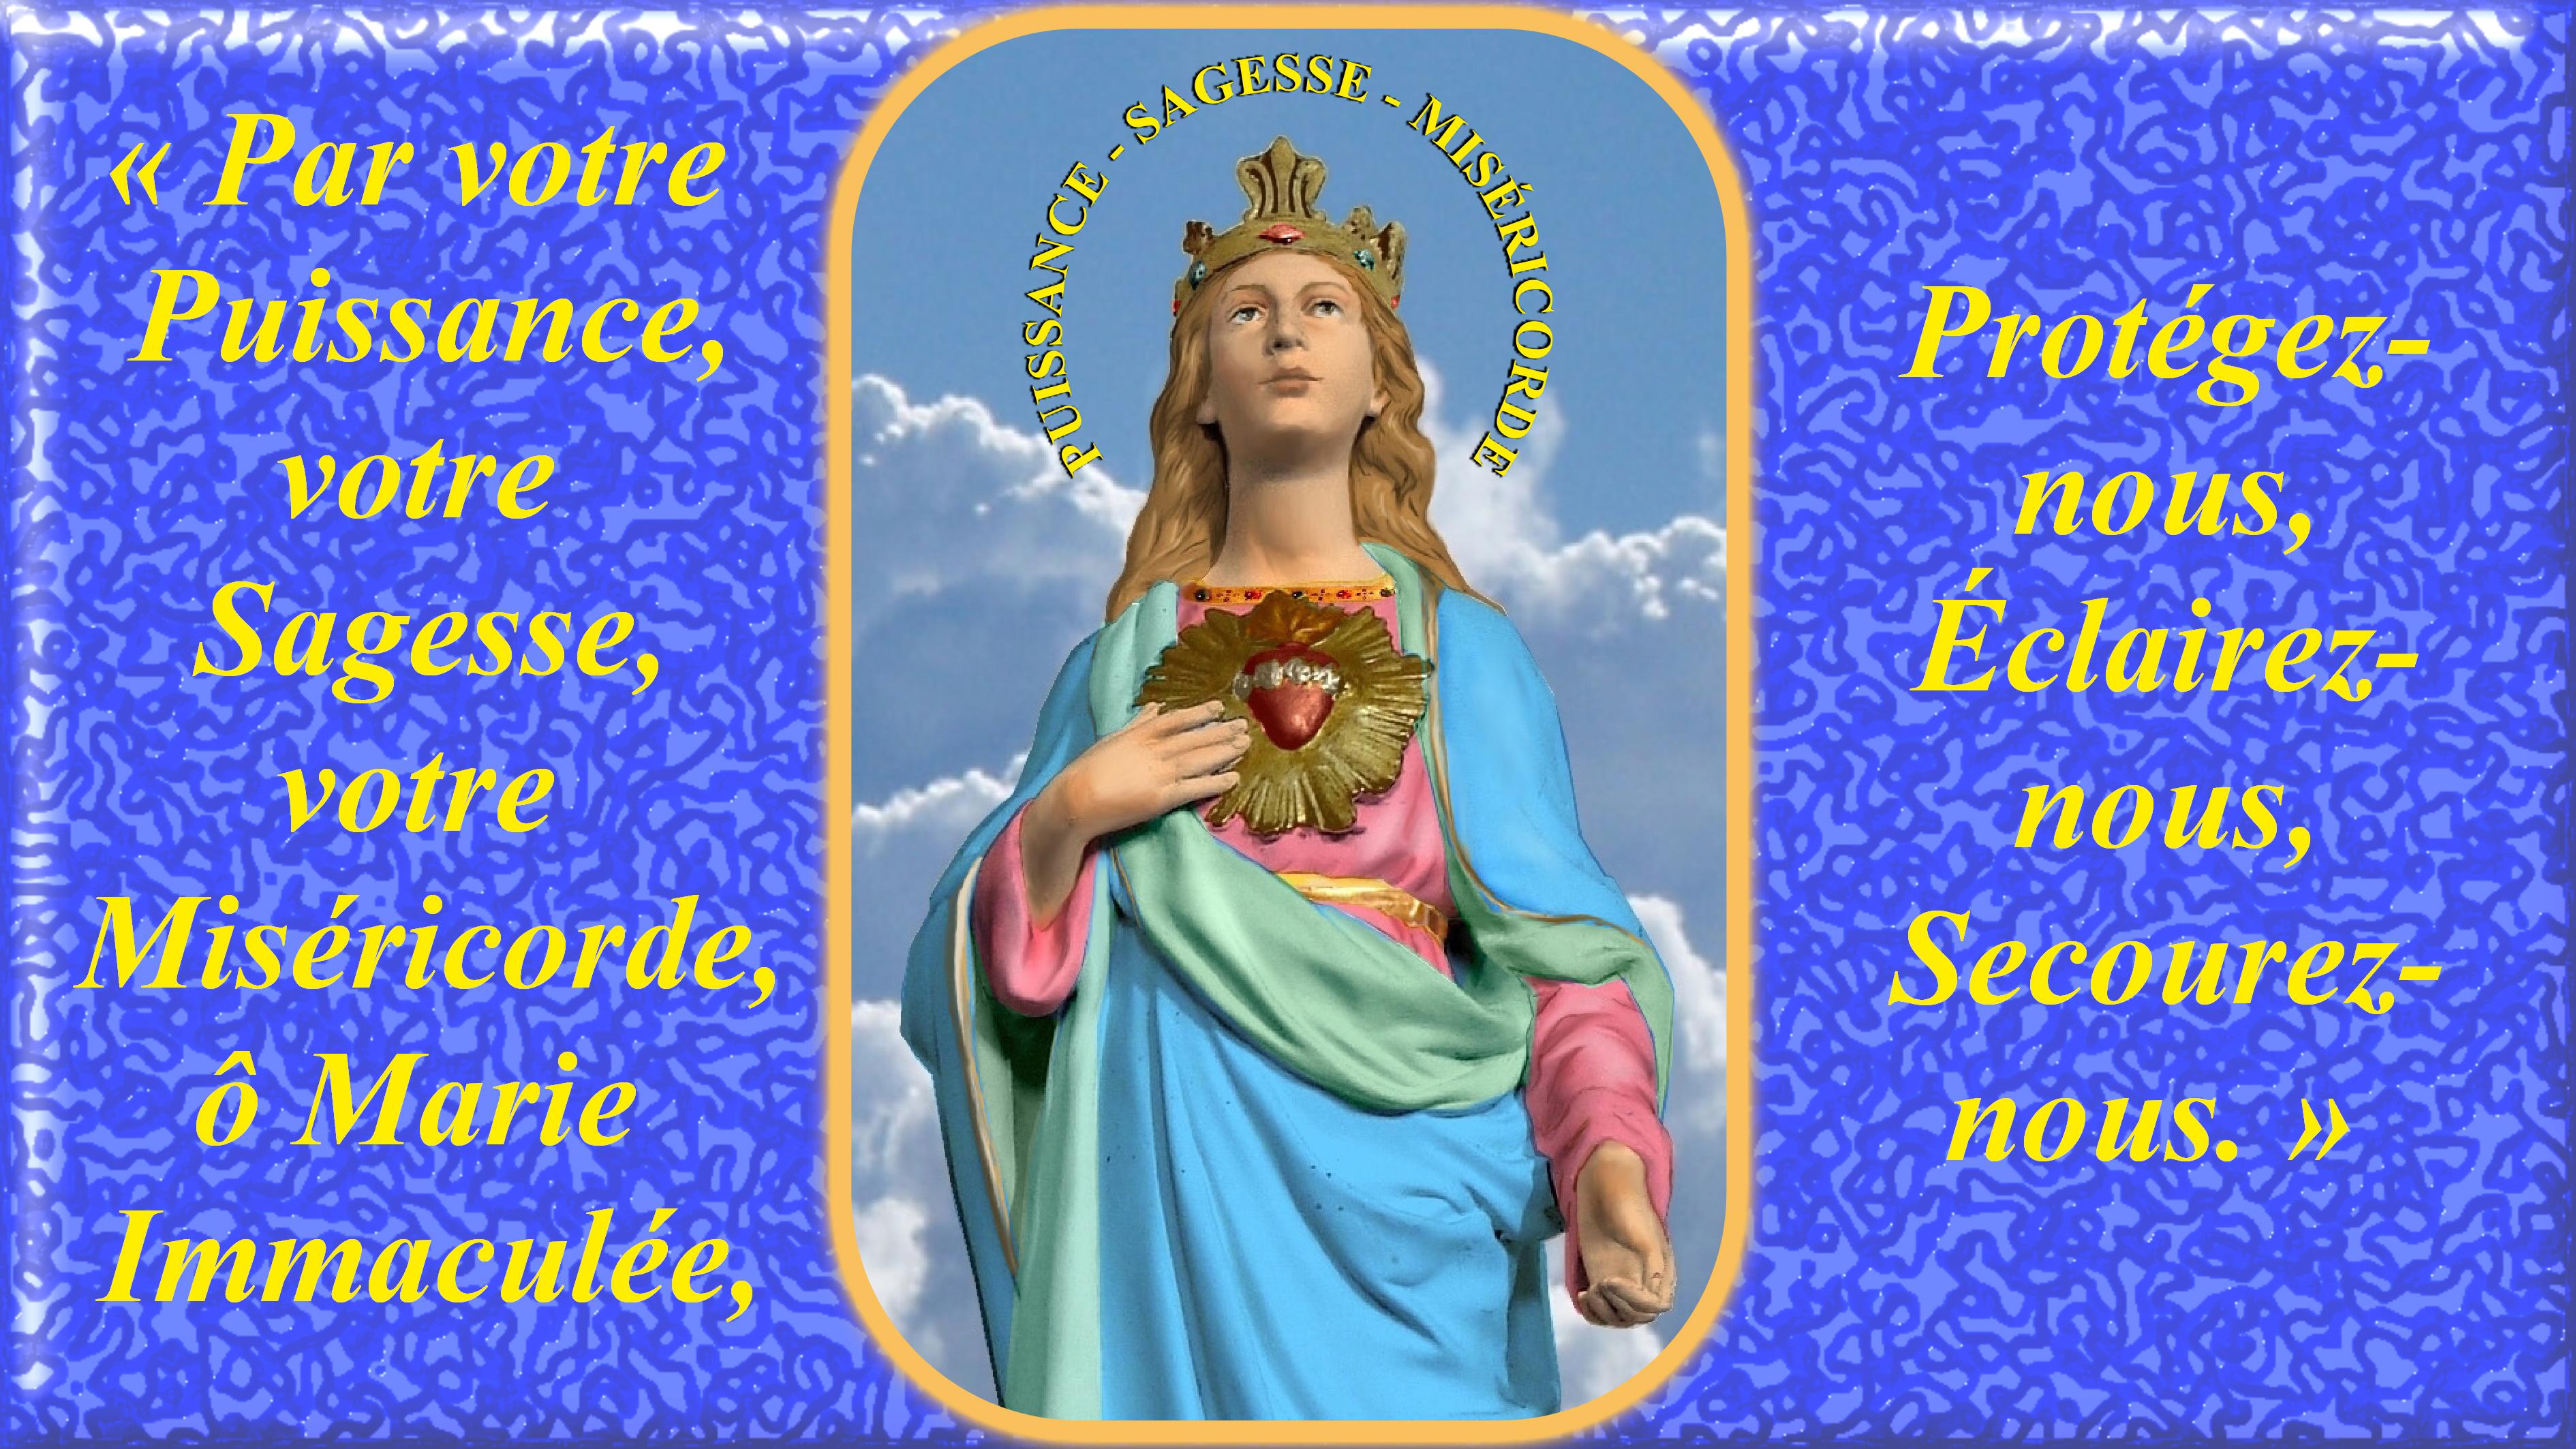 Le CIEL OUVERT par les 3 AVE MARIA du MATIN et du SOIR & La NEUVAINE EFFICACE Notre-dame-des-3-ave-maria-556ee9b